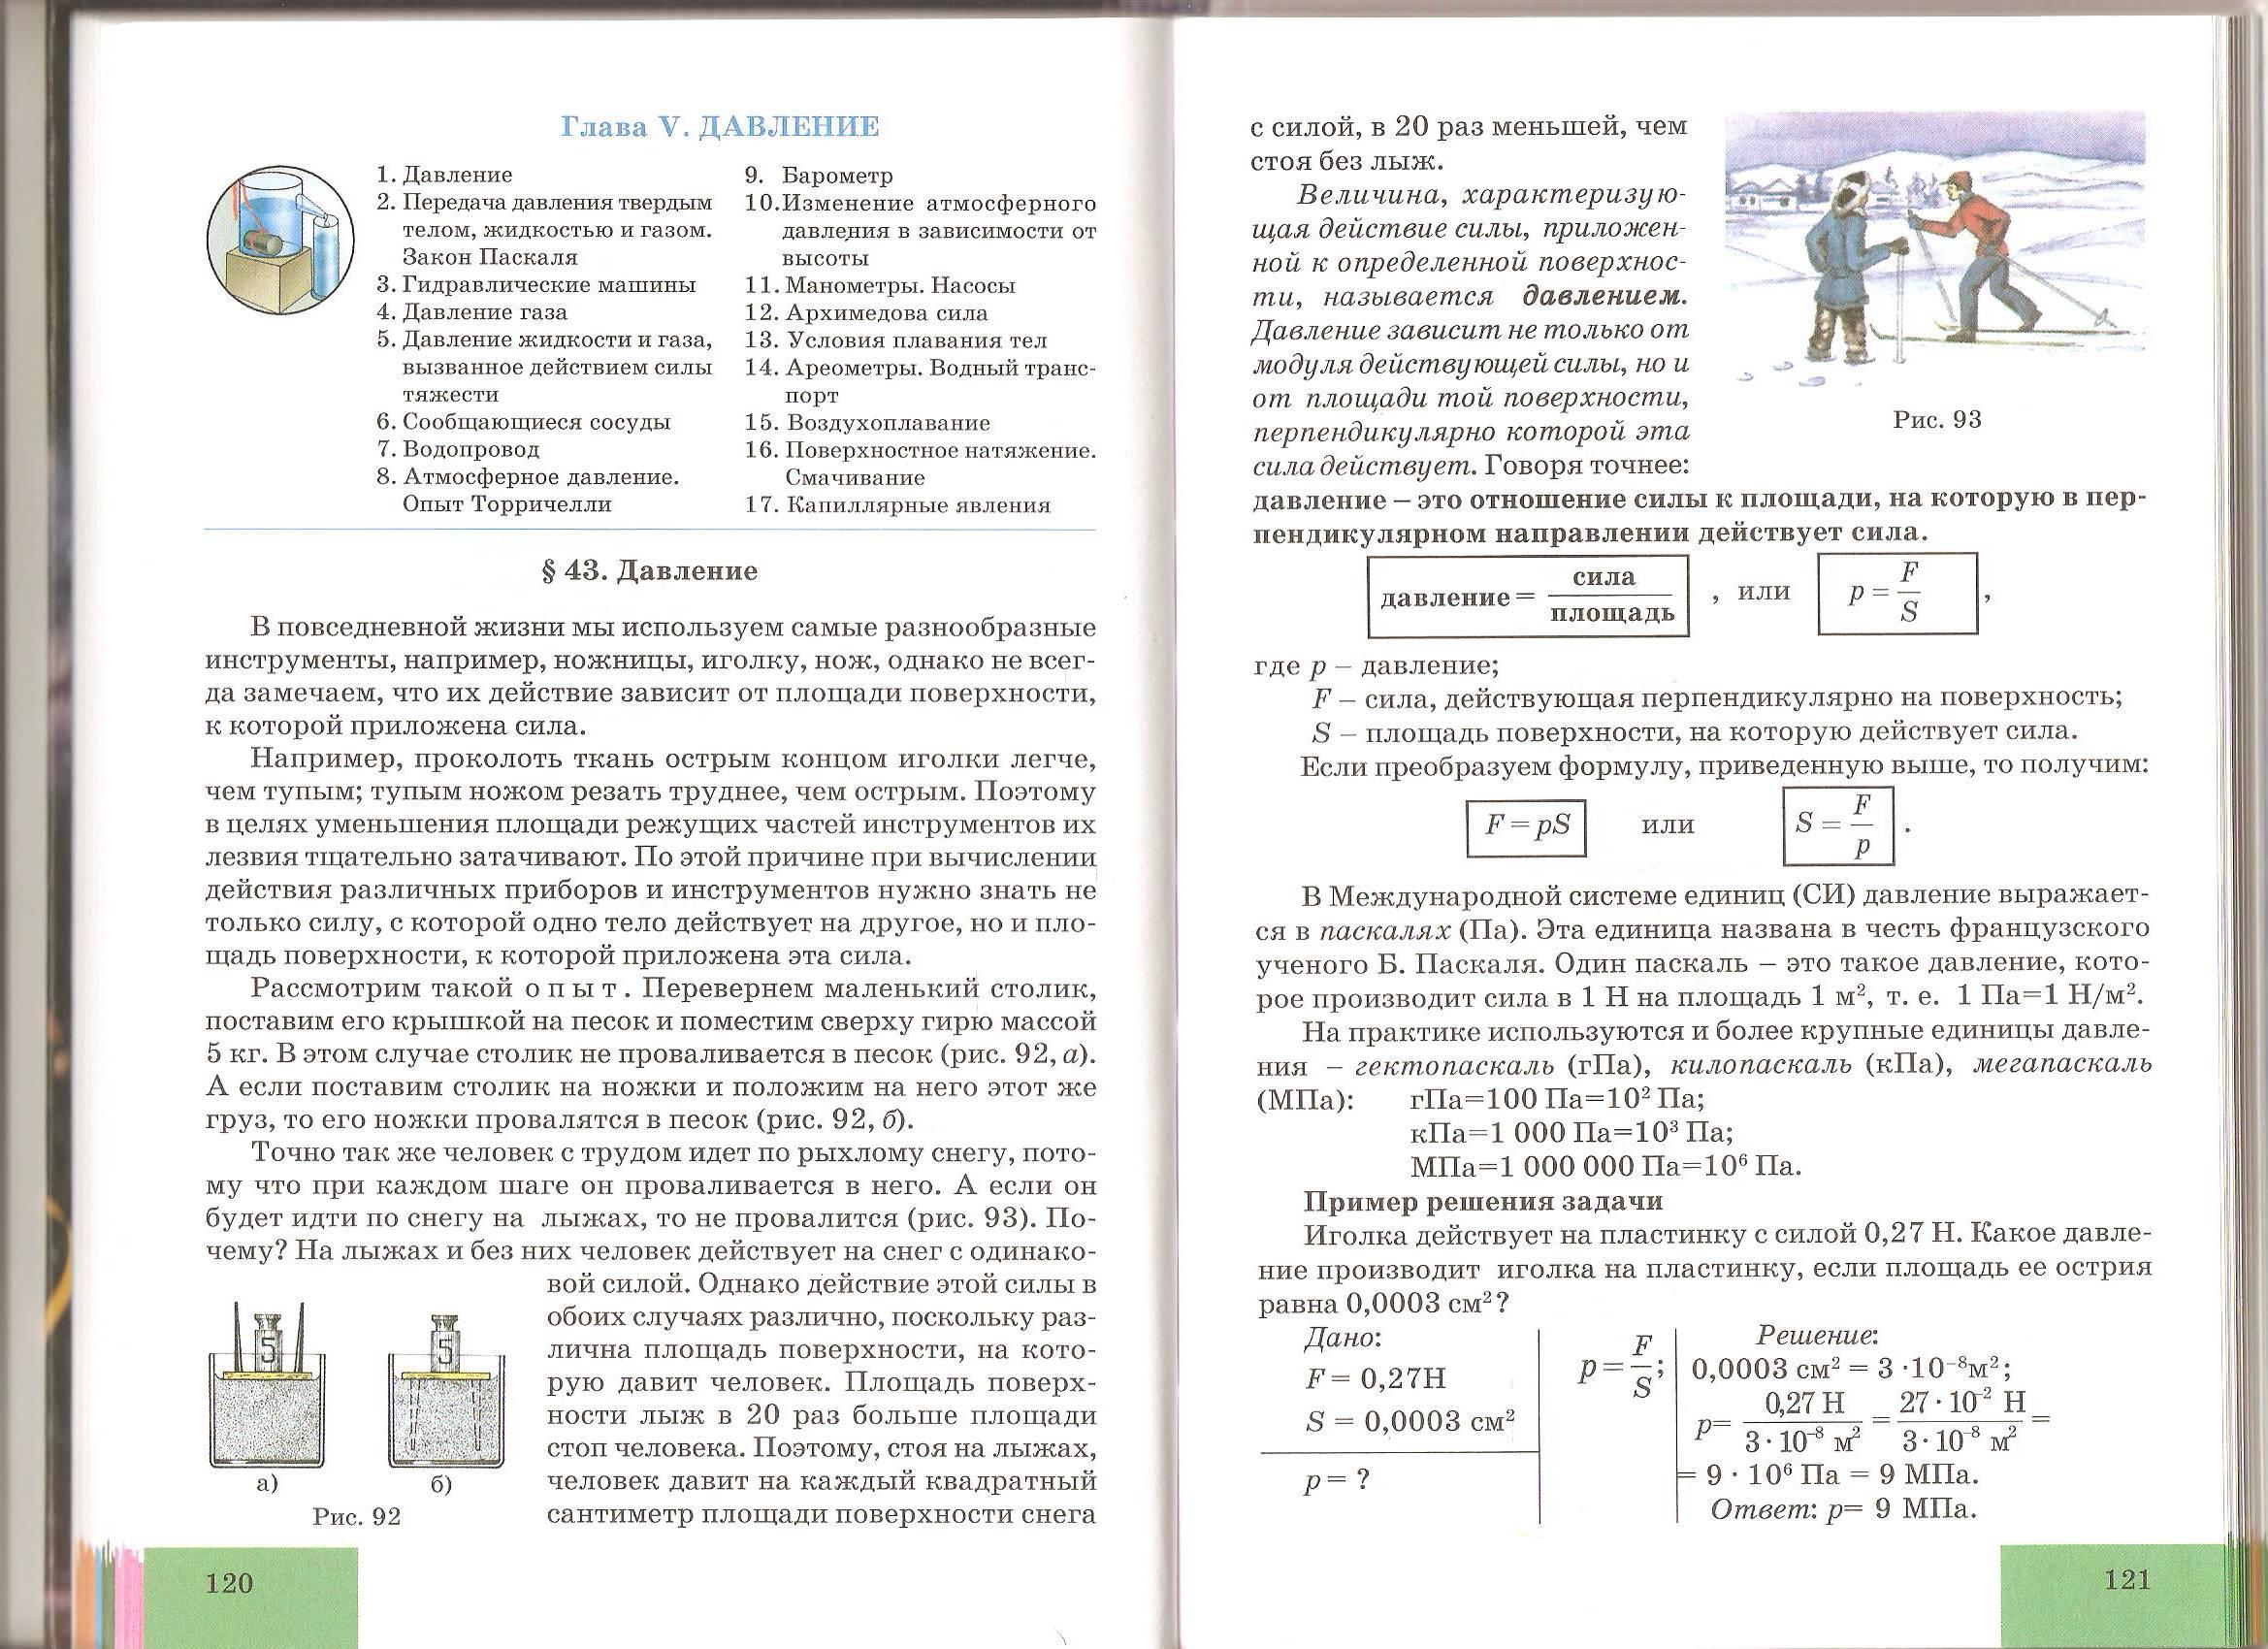 схема анализа этапов урока по фгос